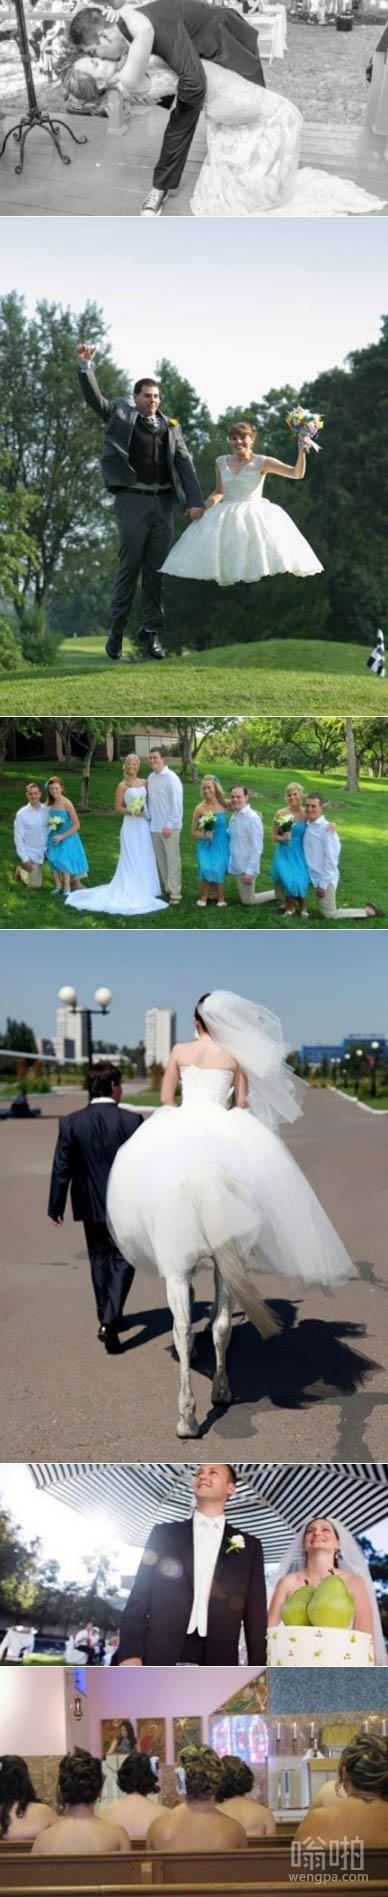 这就是为什么婚礼上要找一个好的摄影师的原因